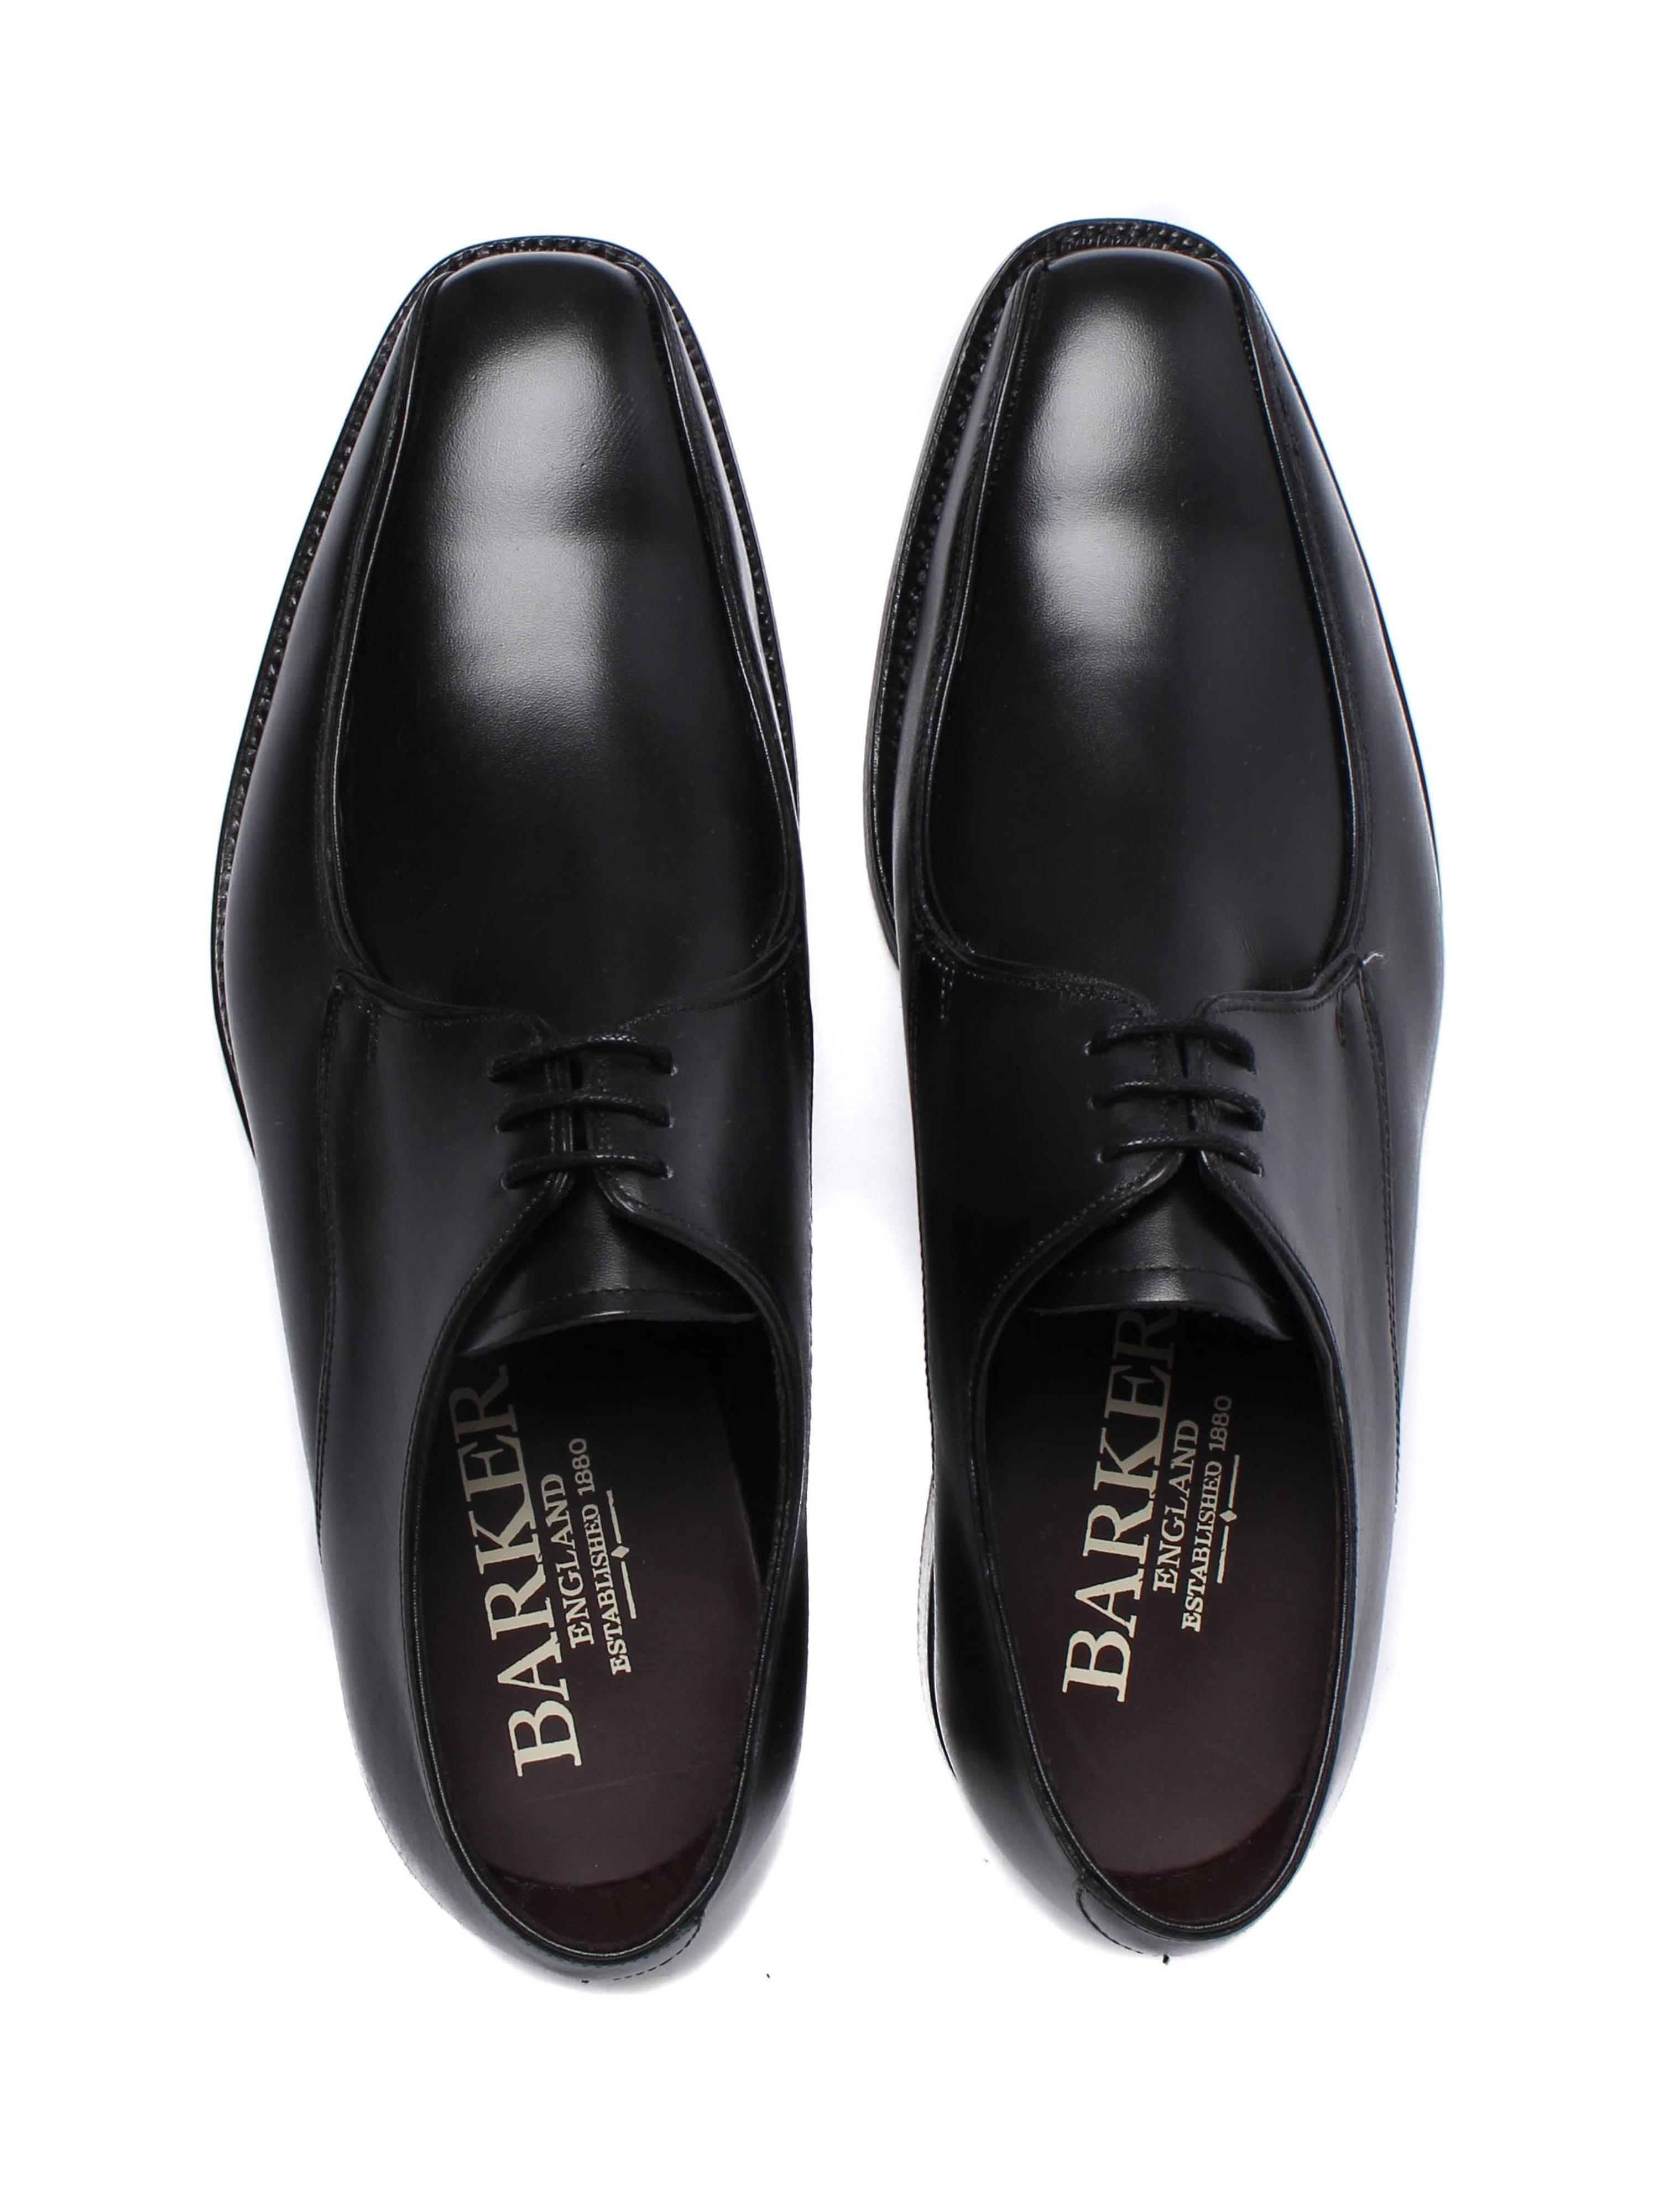 Barker Men's Tilbrook - Black